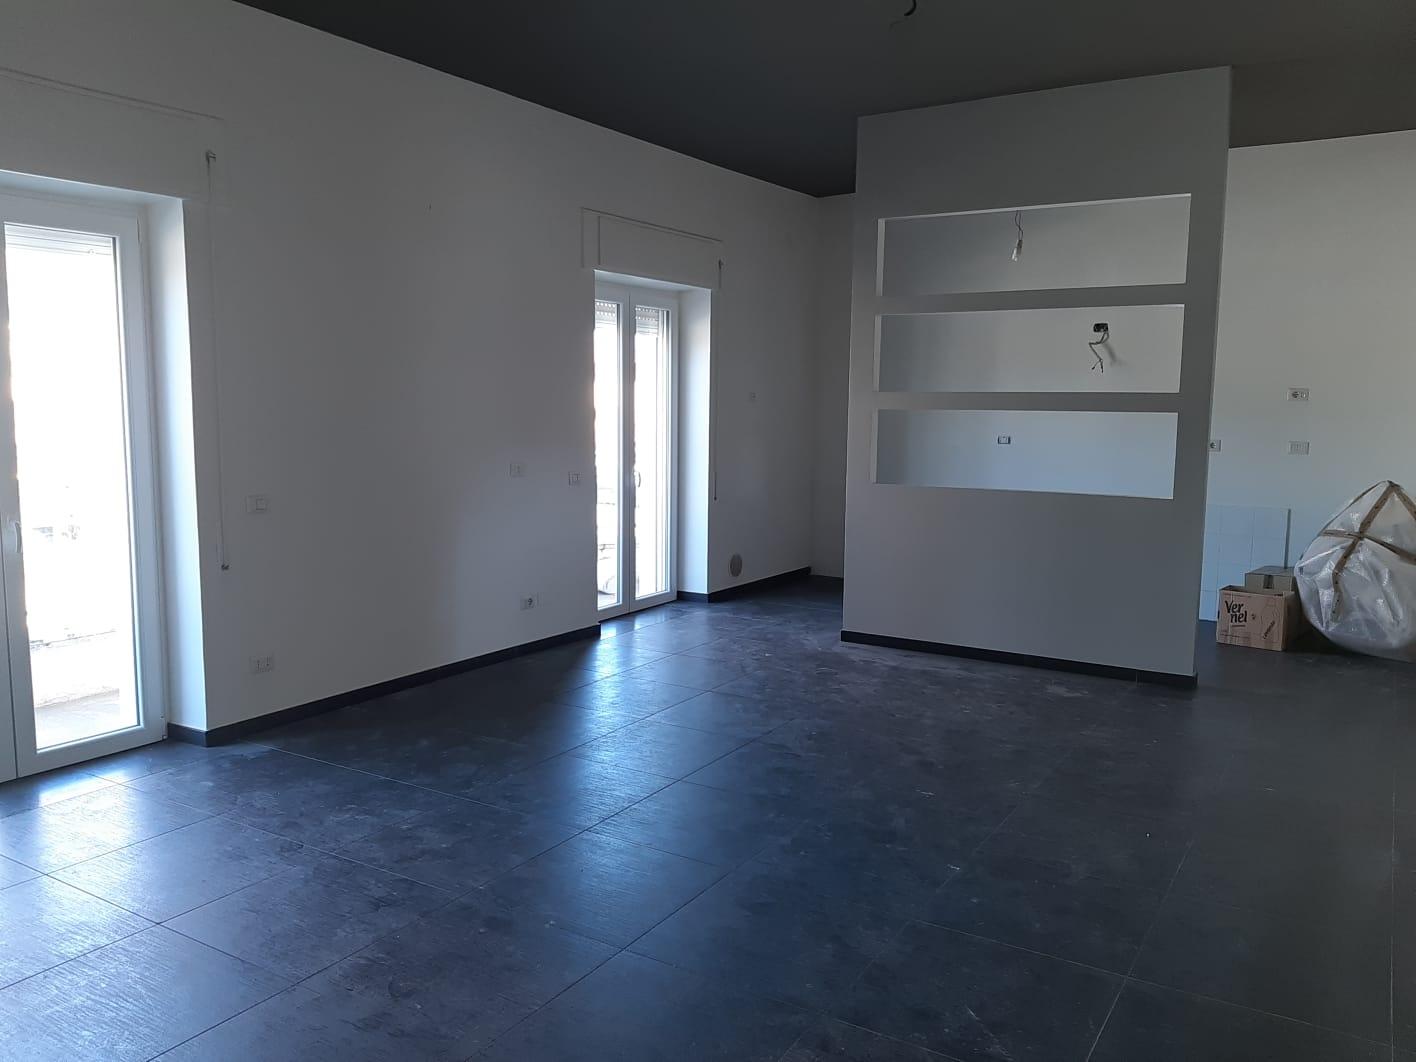 Appartamento in vendita a Frosinone, 4 locali, zona ro, prezzo € 99.000 | PortaleAgenzieImmobiliari.it